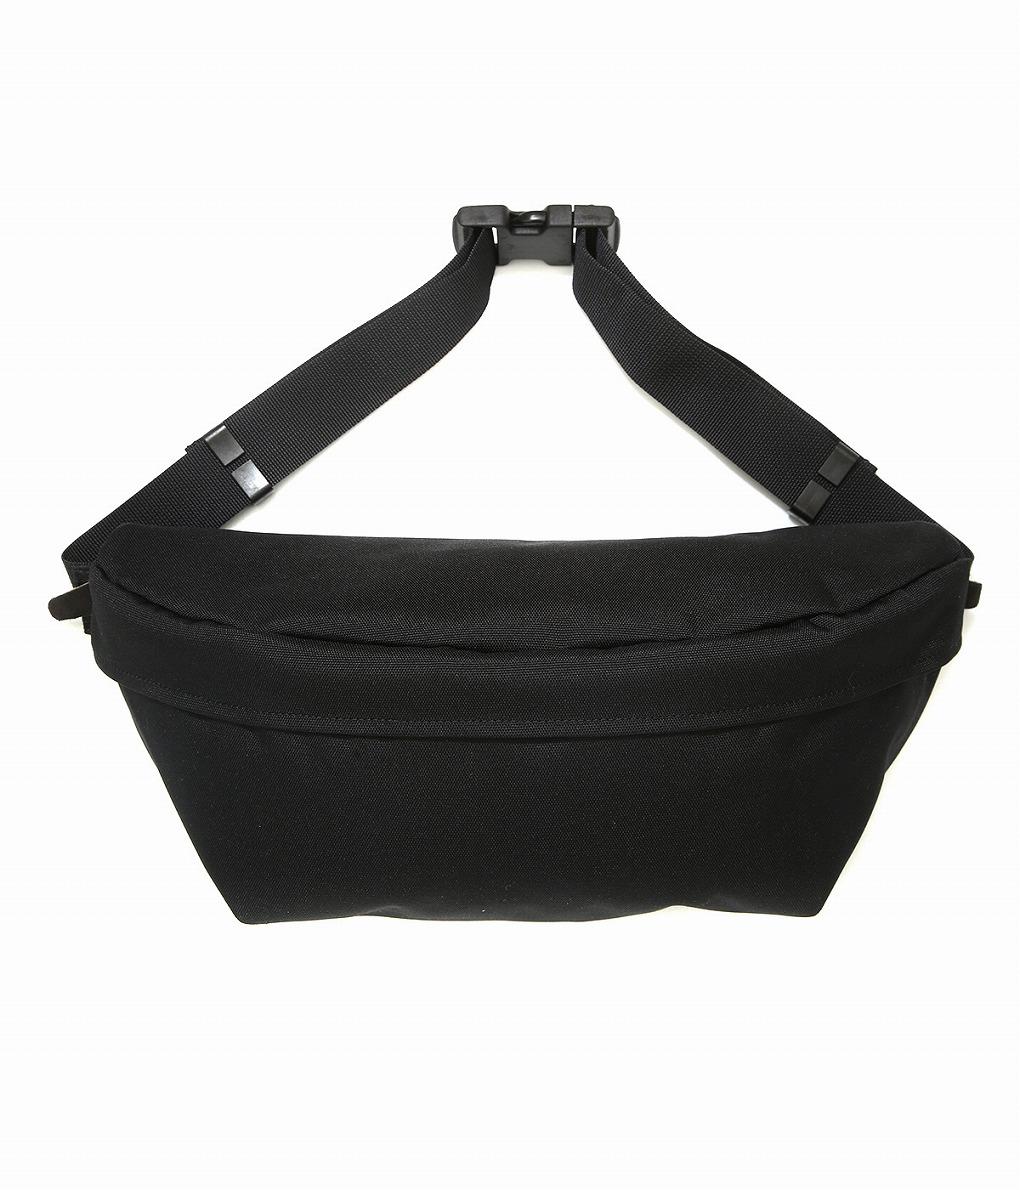 KAPTAIN SUNSHINE / キャプテンサンシャイン : Standard Bodypack : スタンダード ボディー パック : KS20SGD10 【NOA】